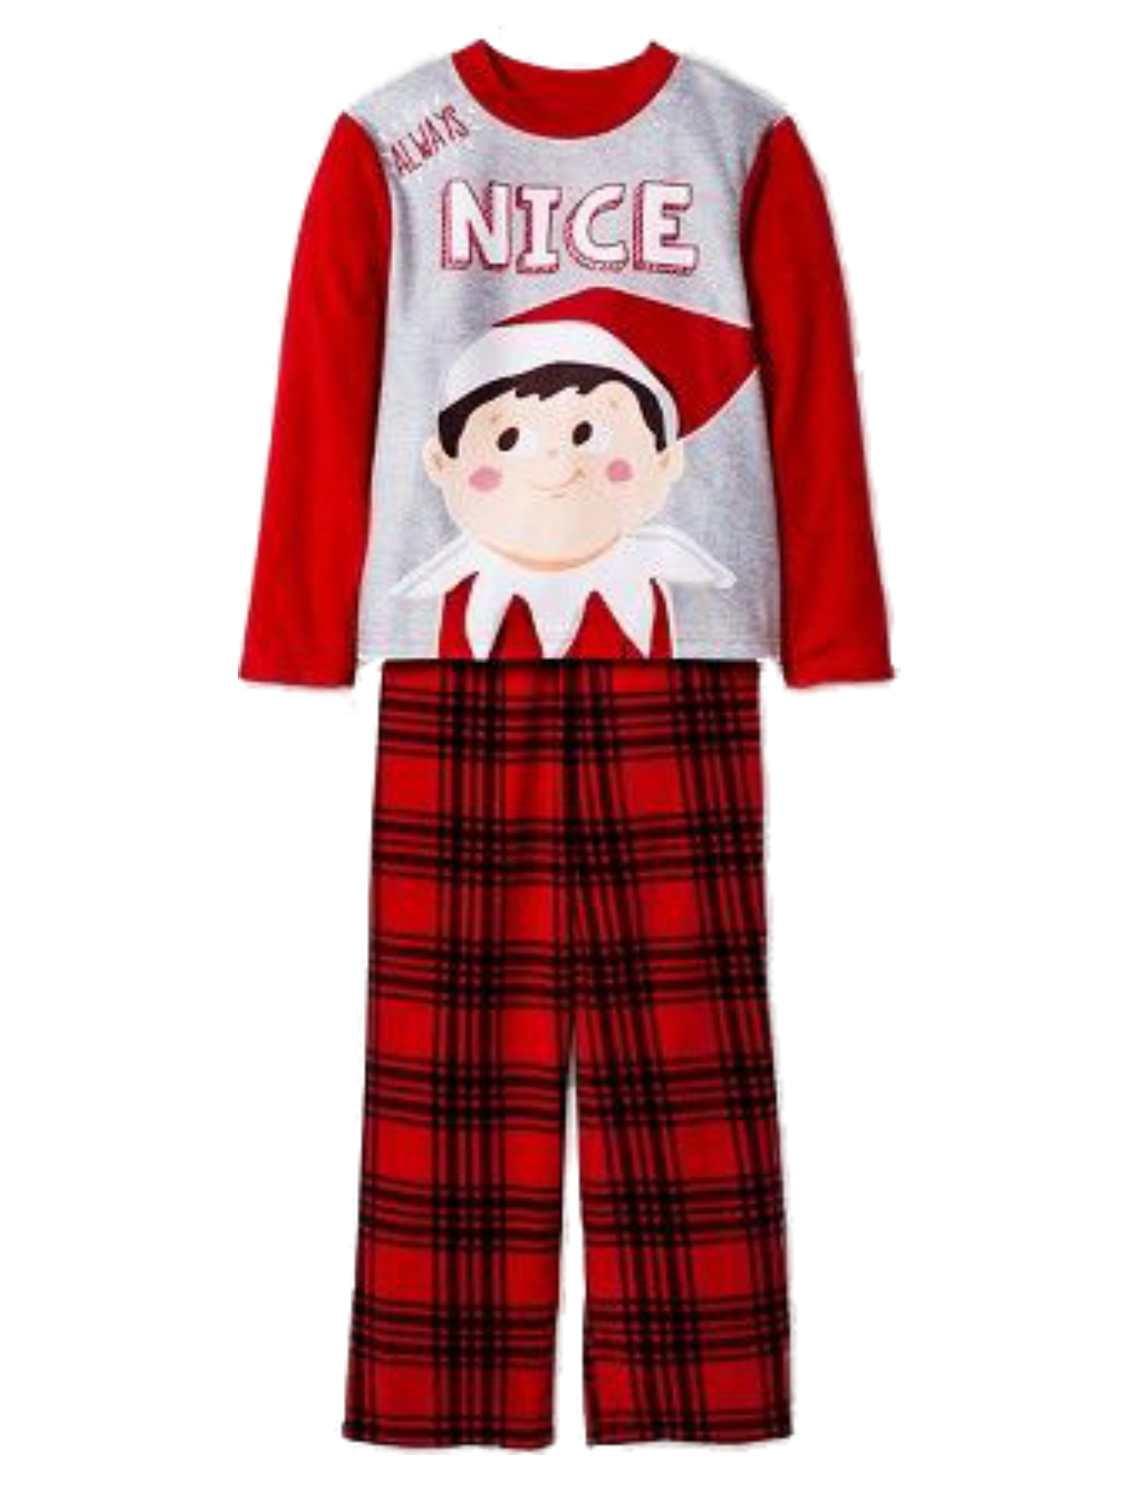 The Elf On The Shelf Boys Fleece Always Nice Christmas Pajamas Sleepwear Set